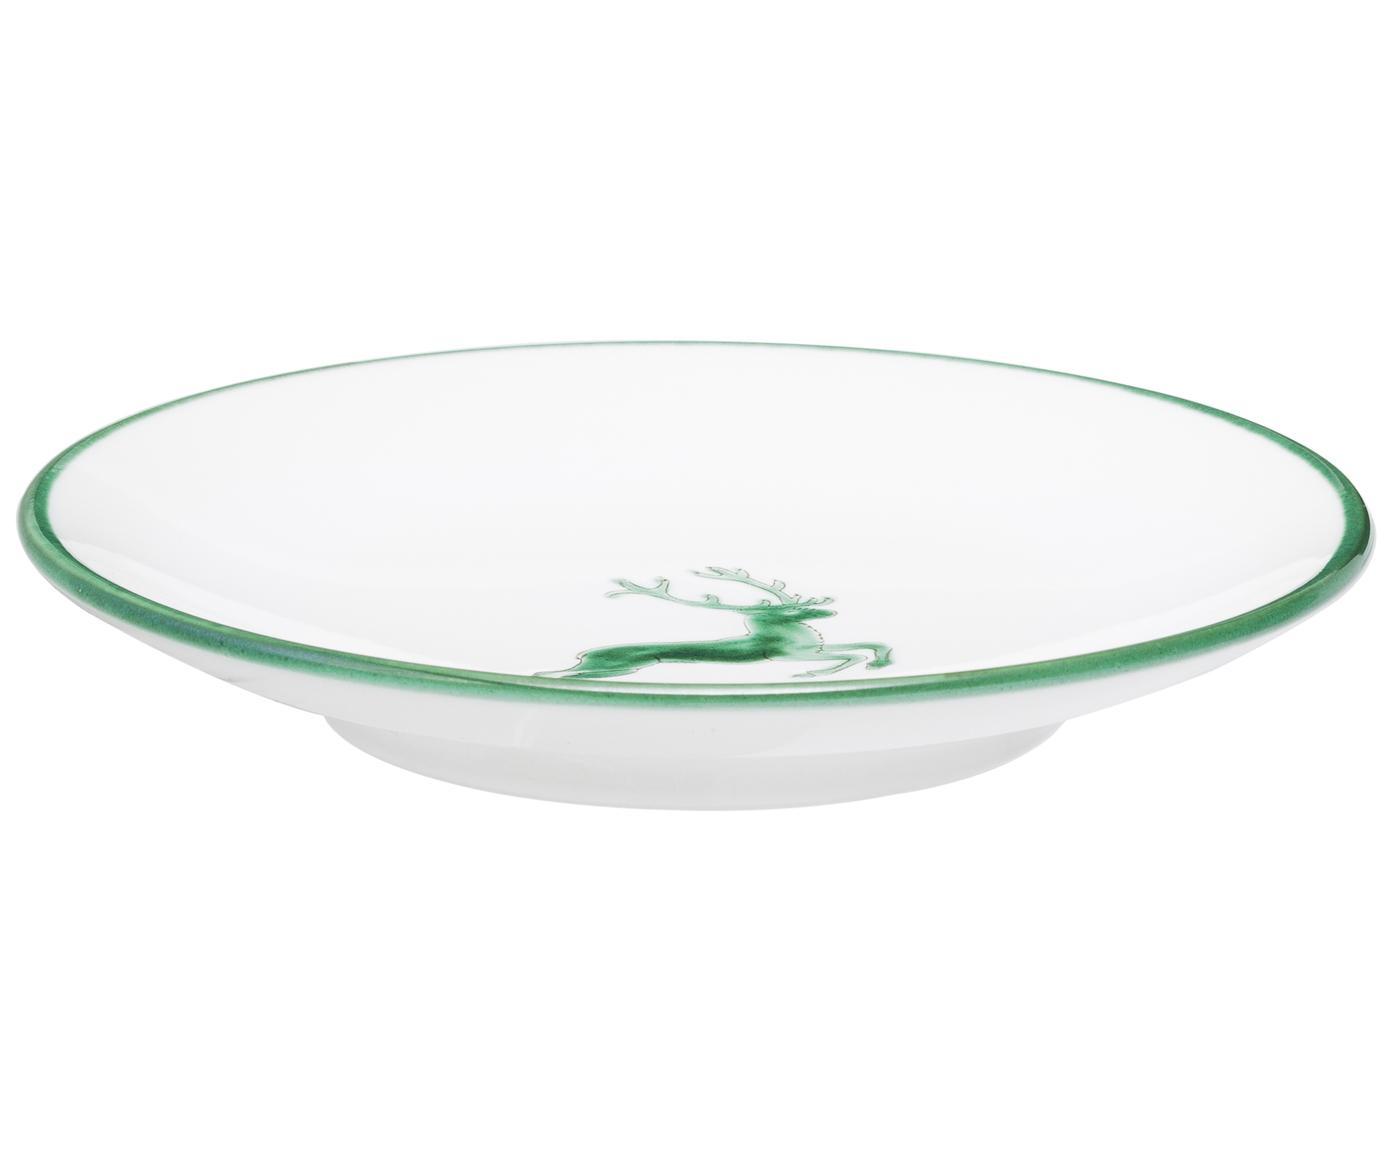 Spodek pod filiżankę Classic Grüner Hirsch, Ceramika, Zielony, biały, Ø 15 cm